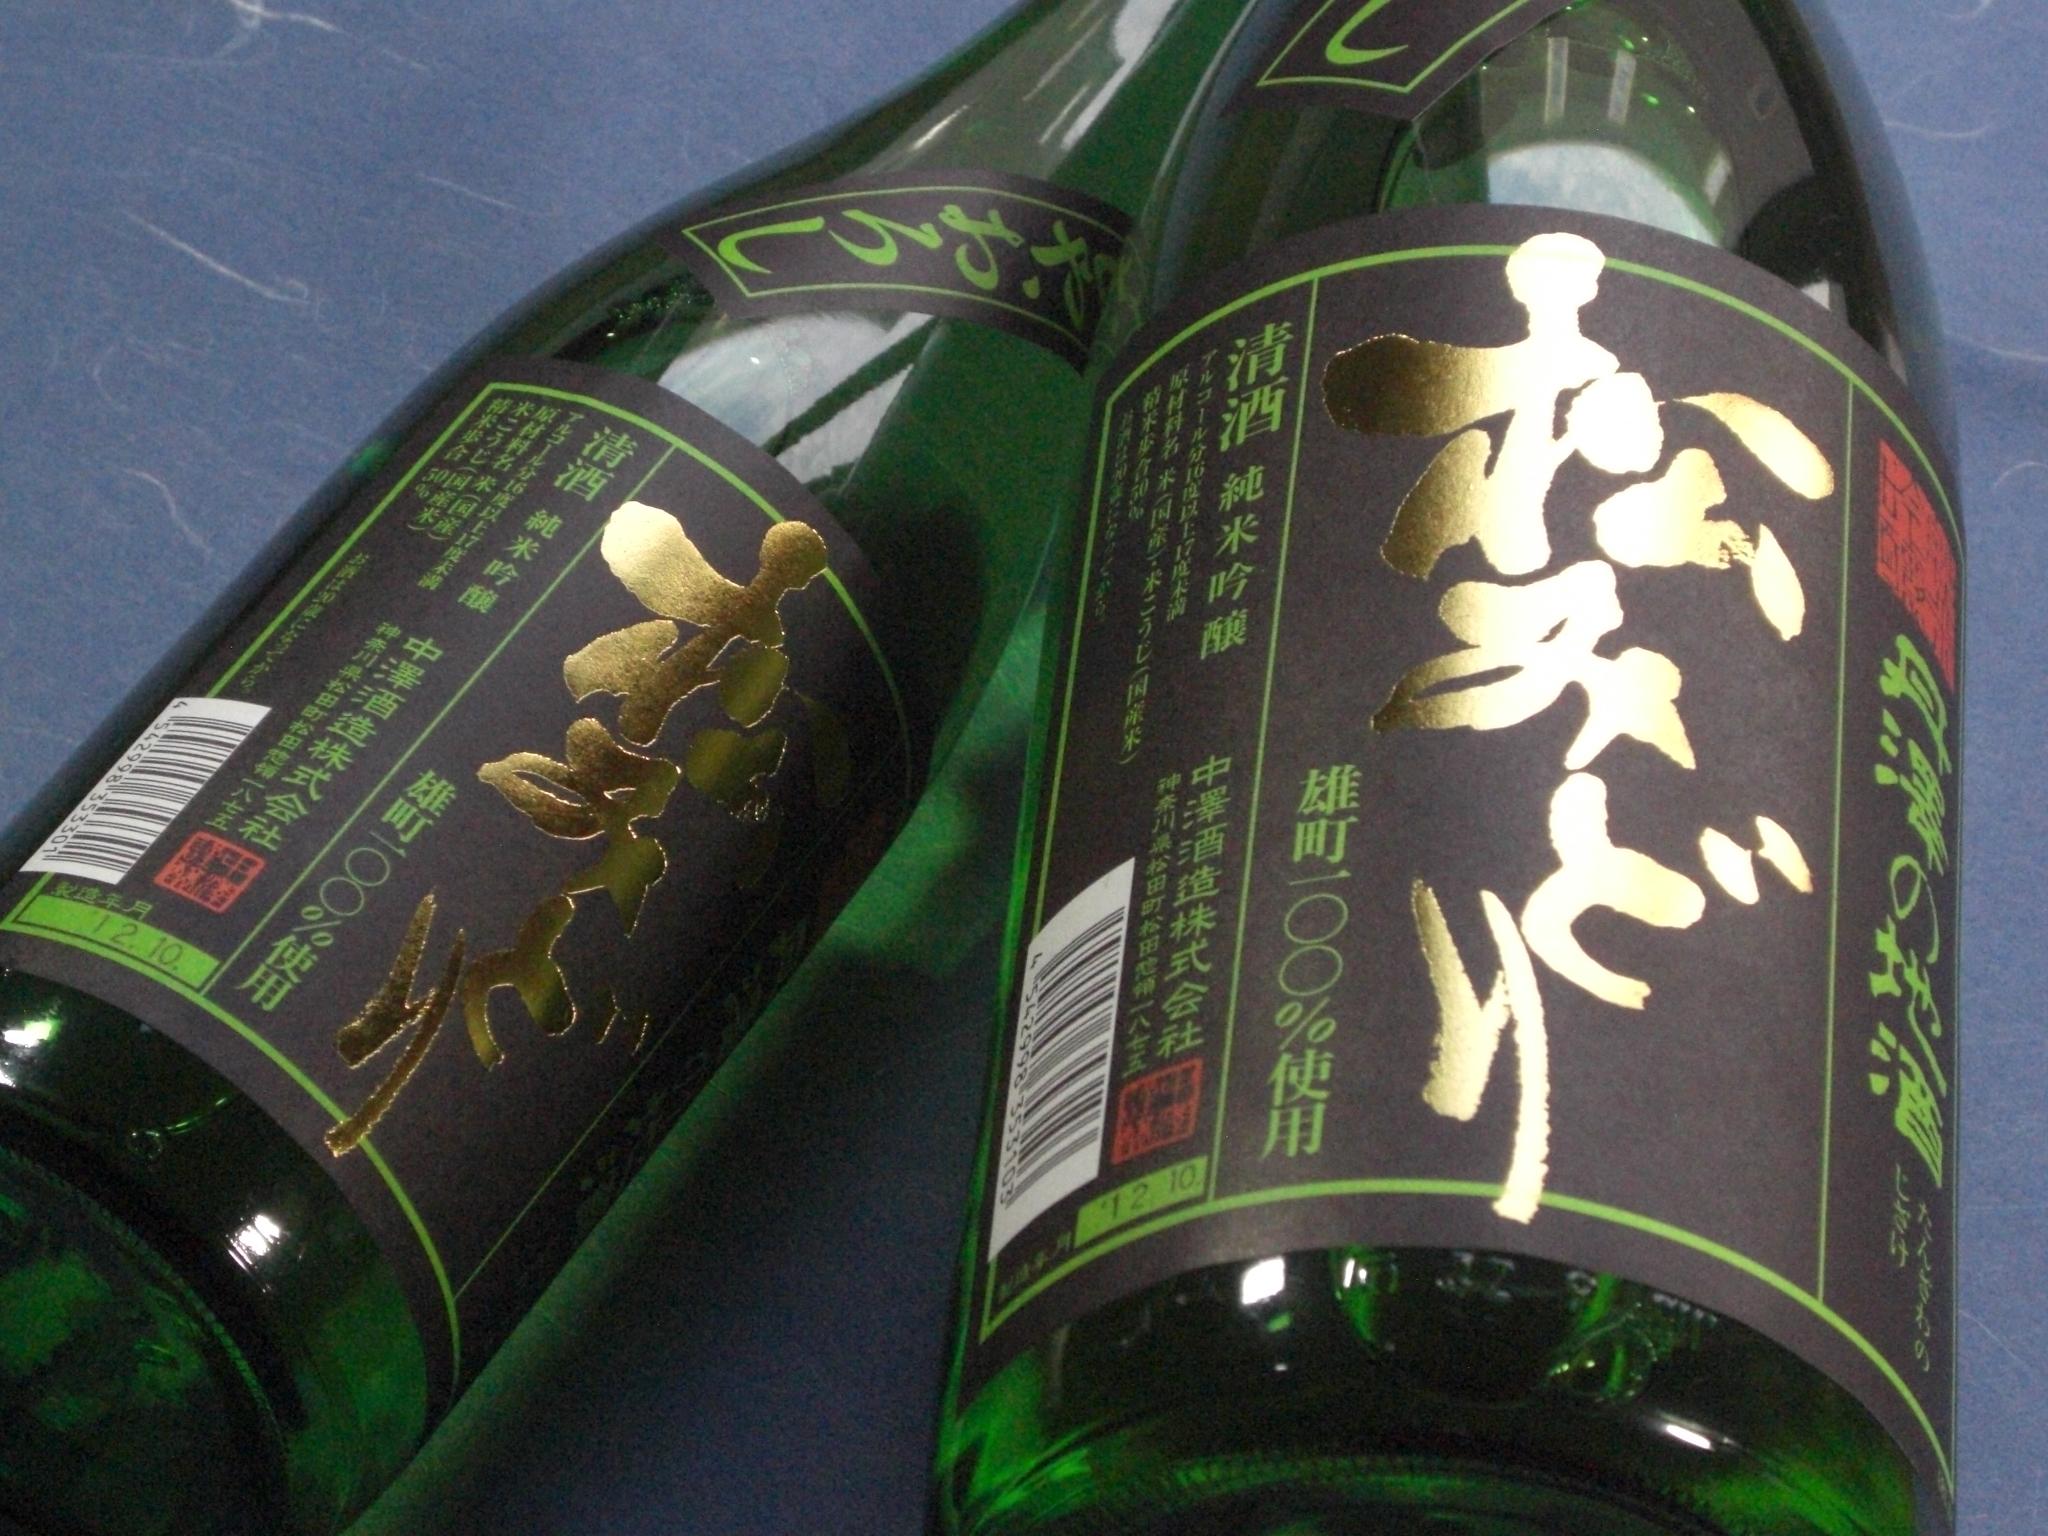 松みどり ひやおろし 雄町/中澤酒造